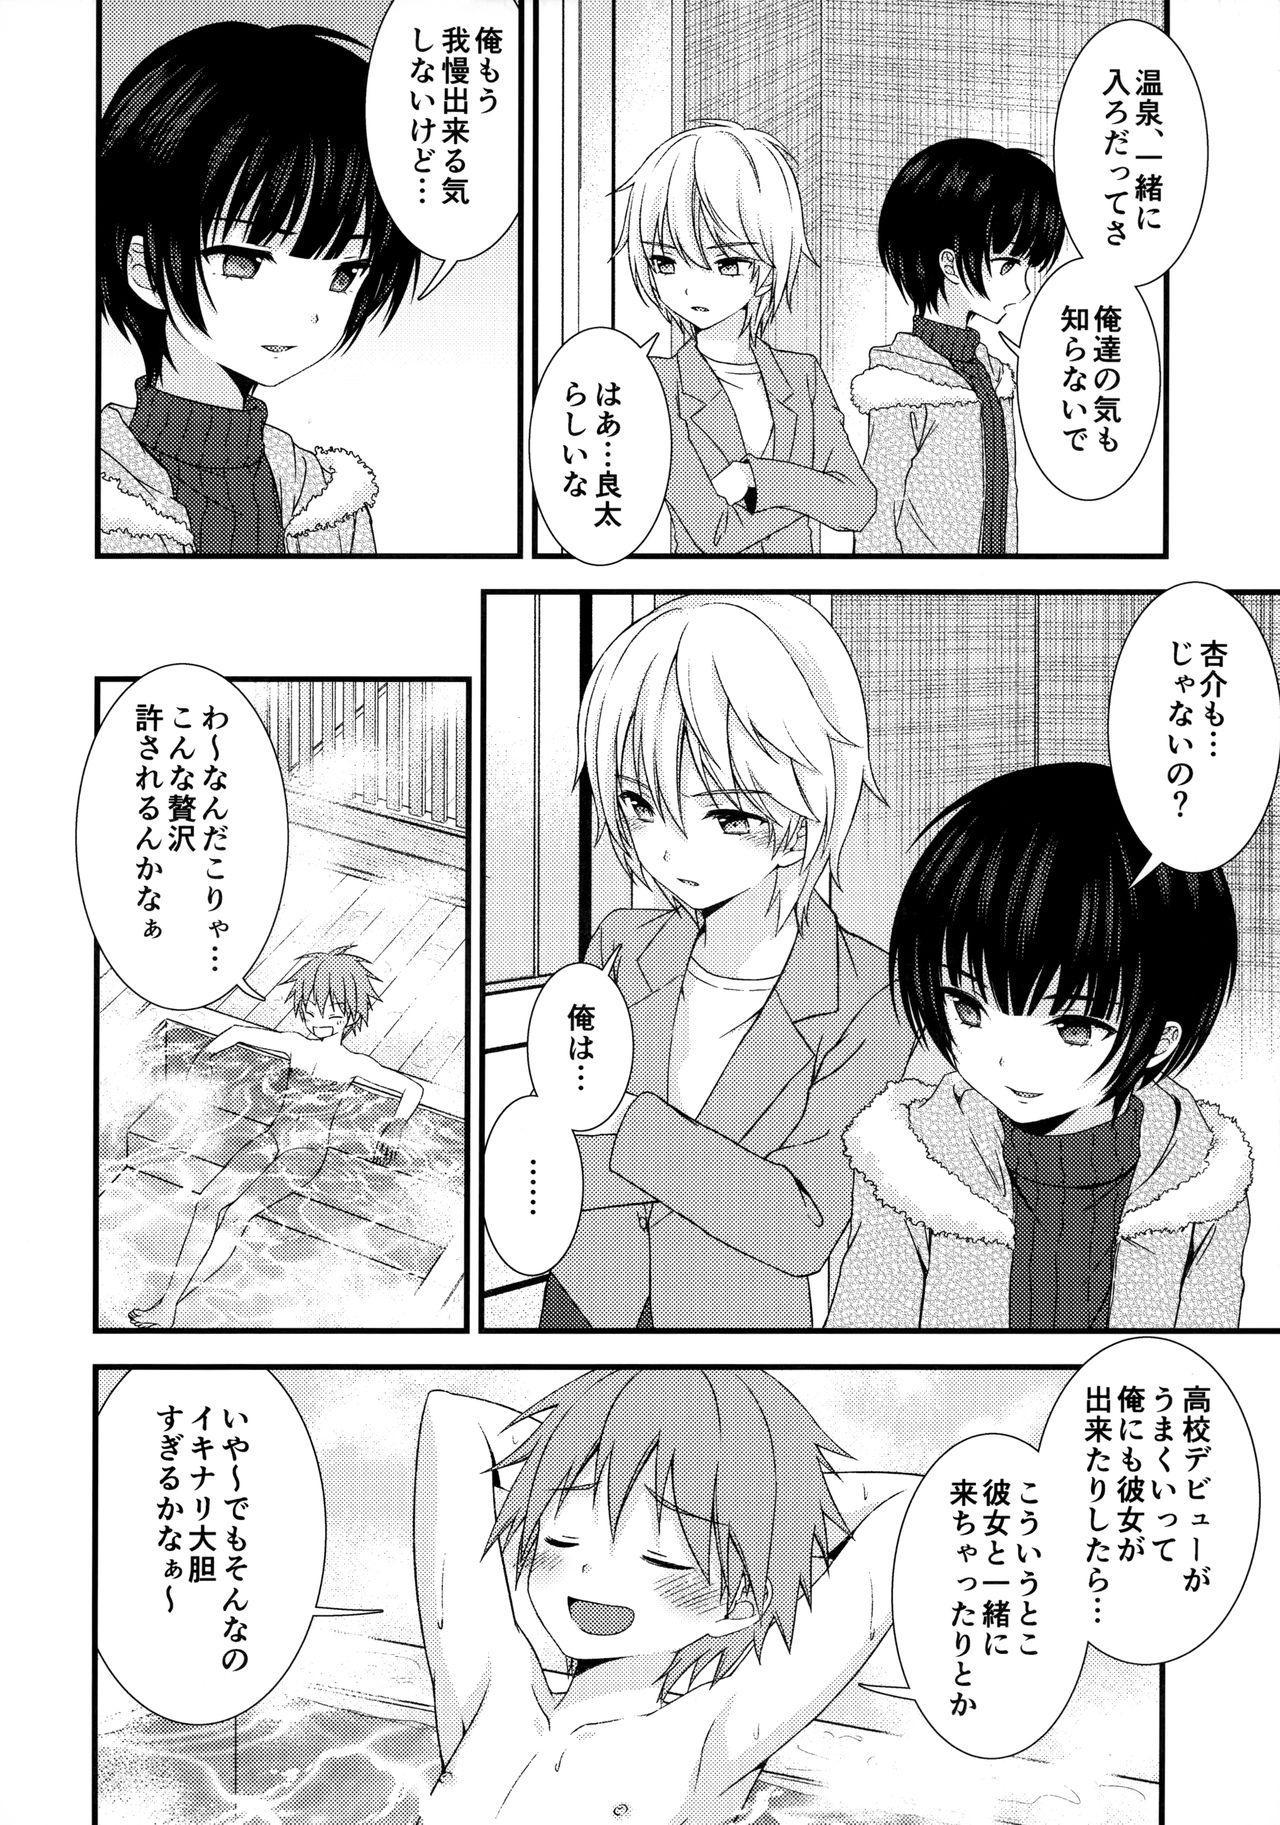 Nagasare 3P Sotsugyou Ryokou 4